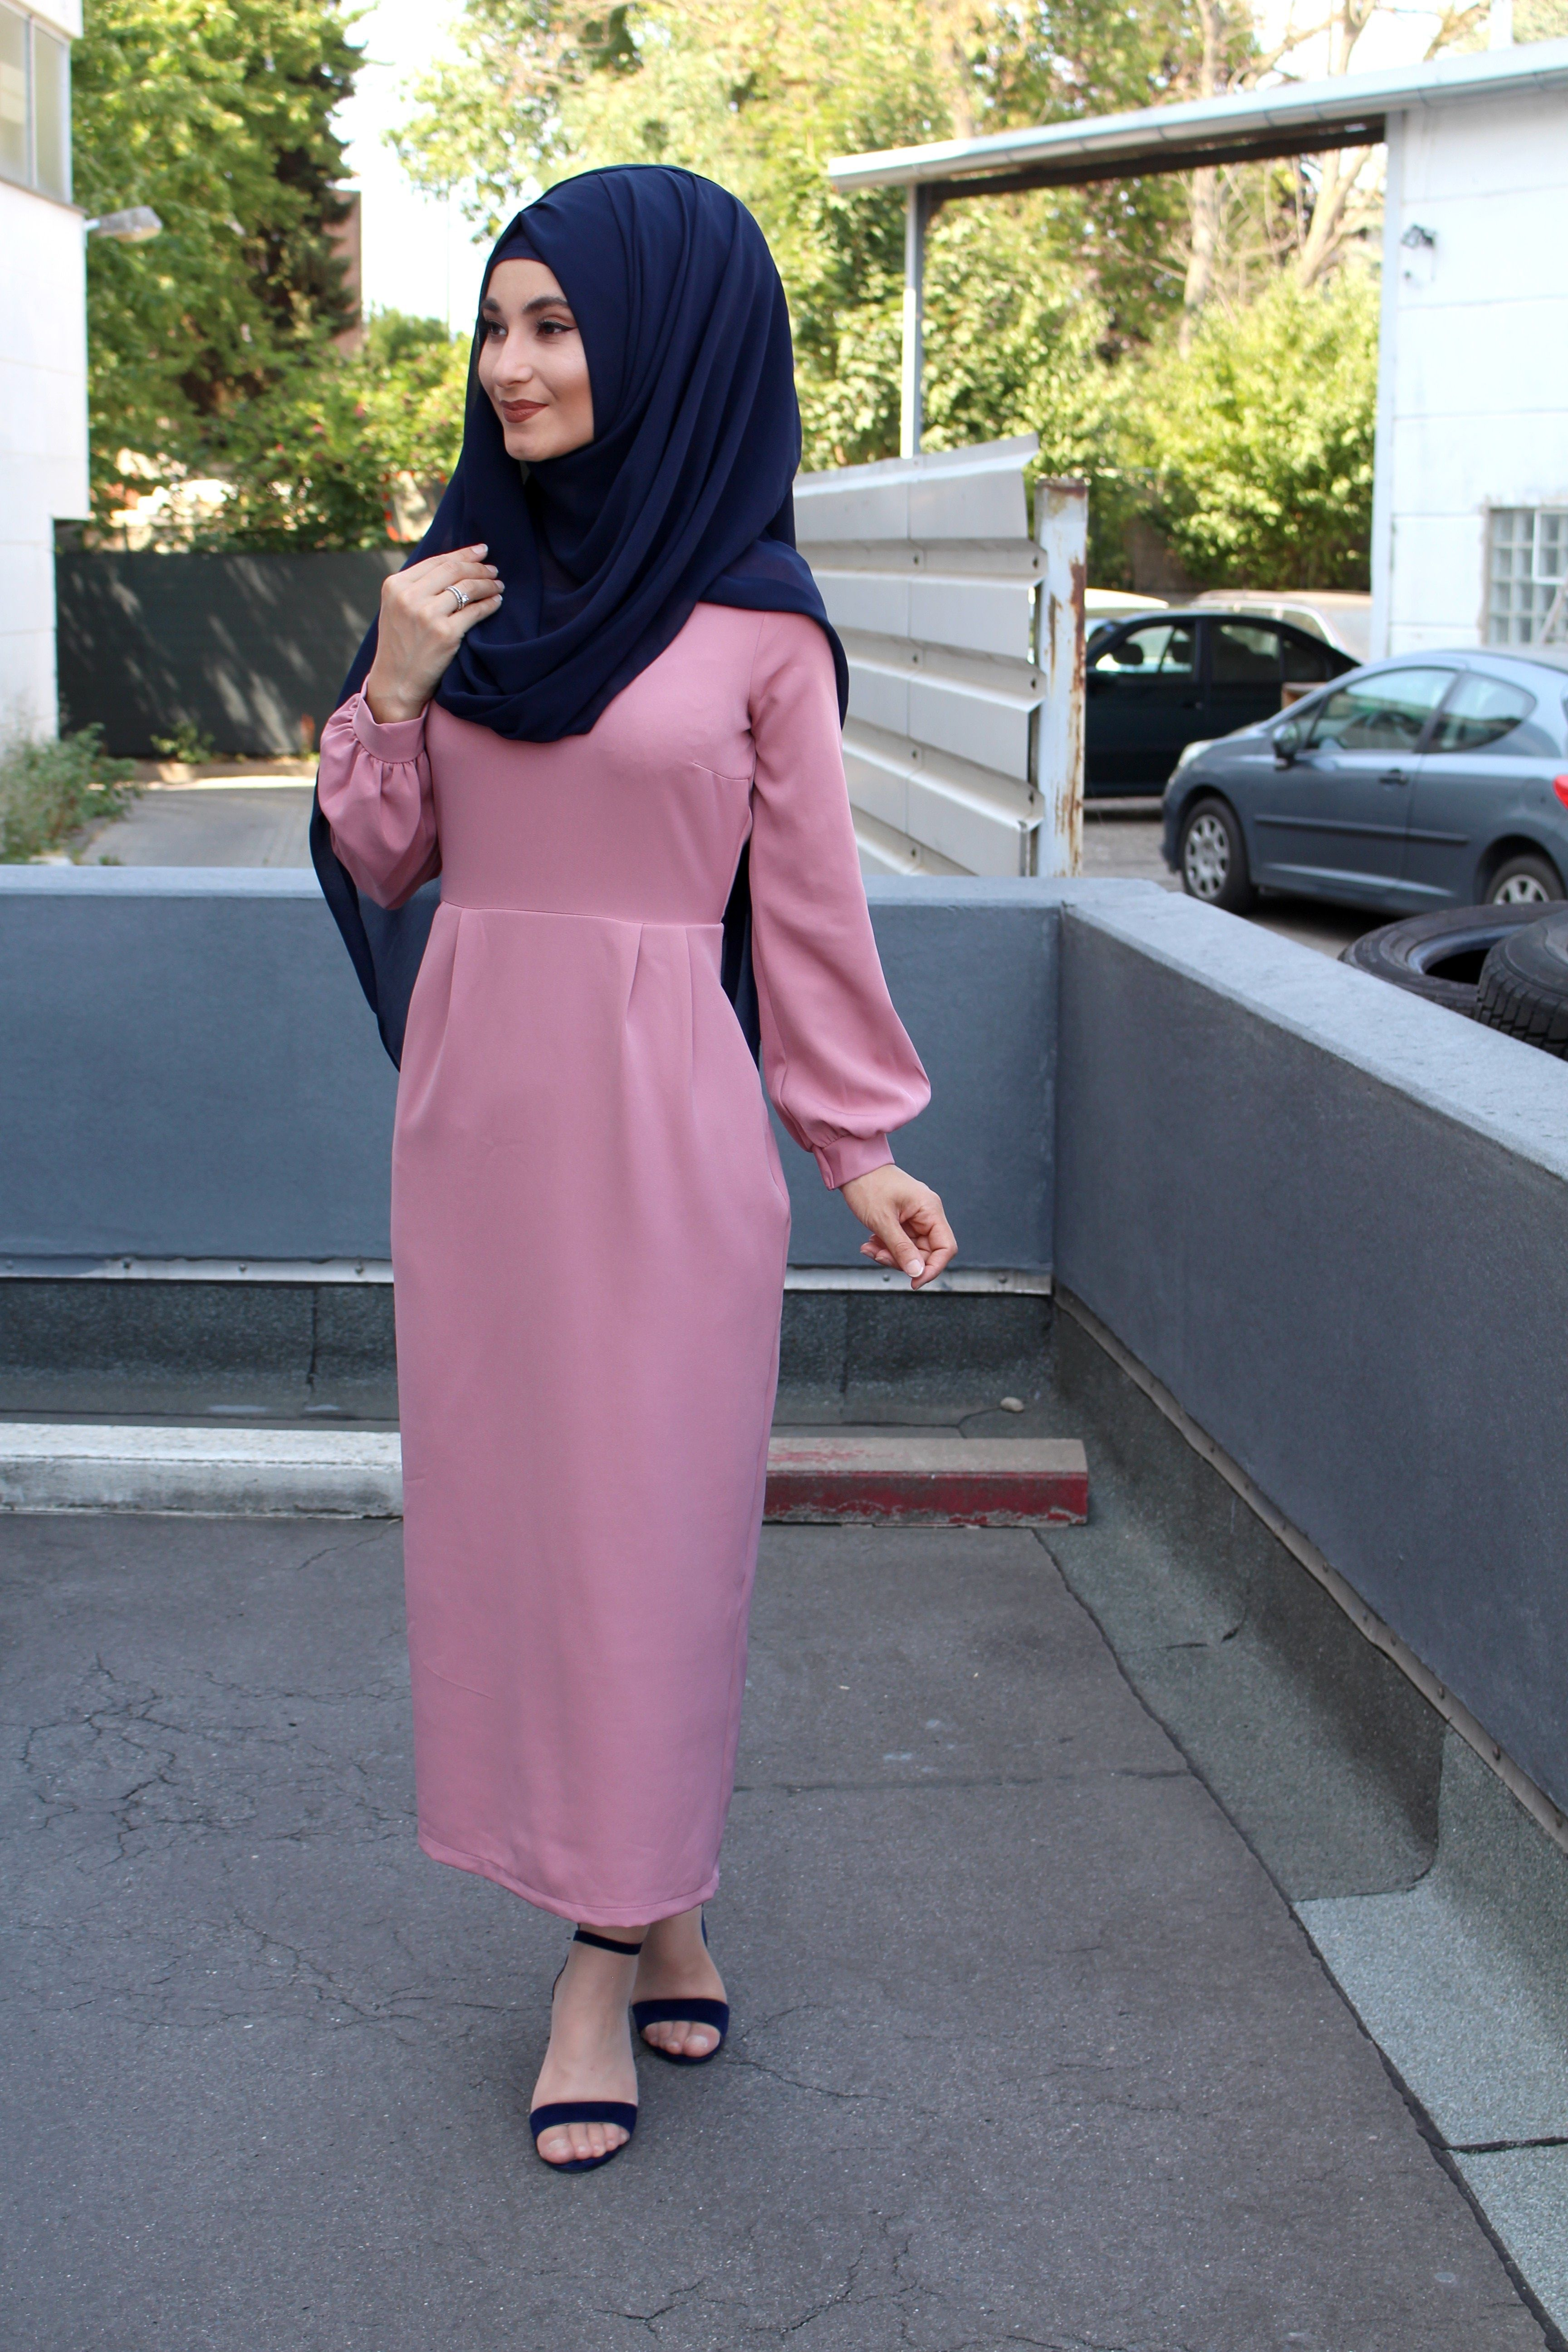 pink dress. hijab  Modesty fashion, Muslim fashion, Muslimah